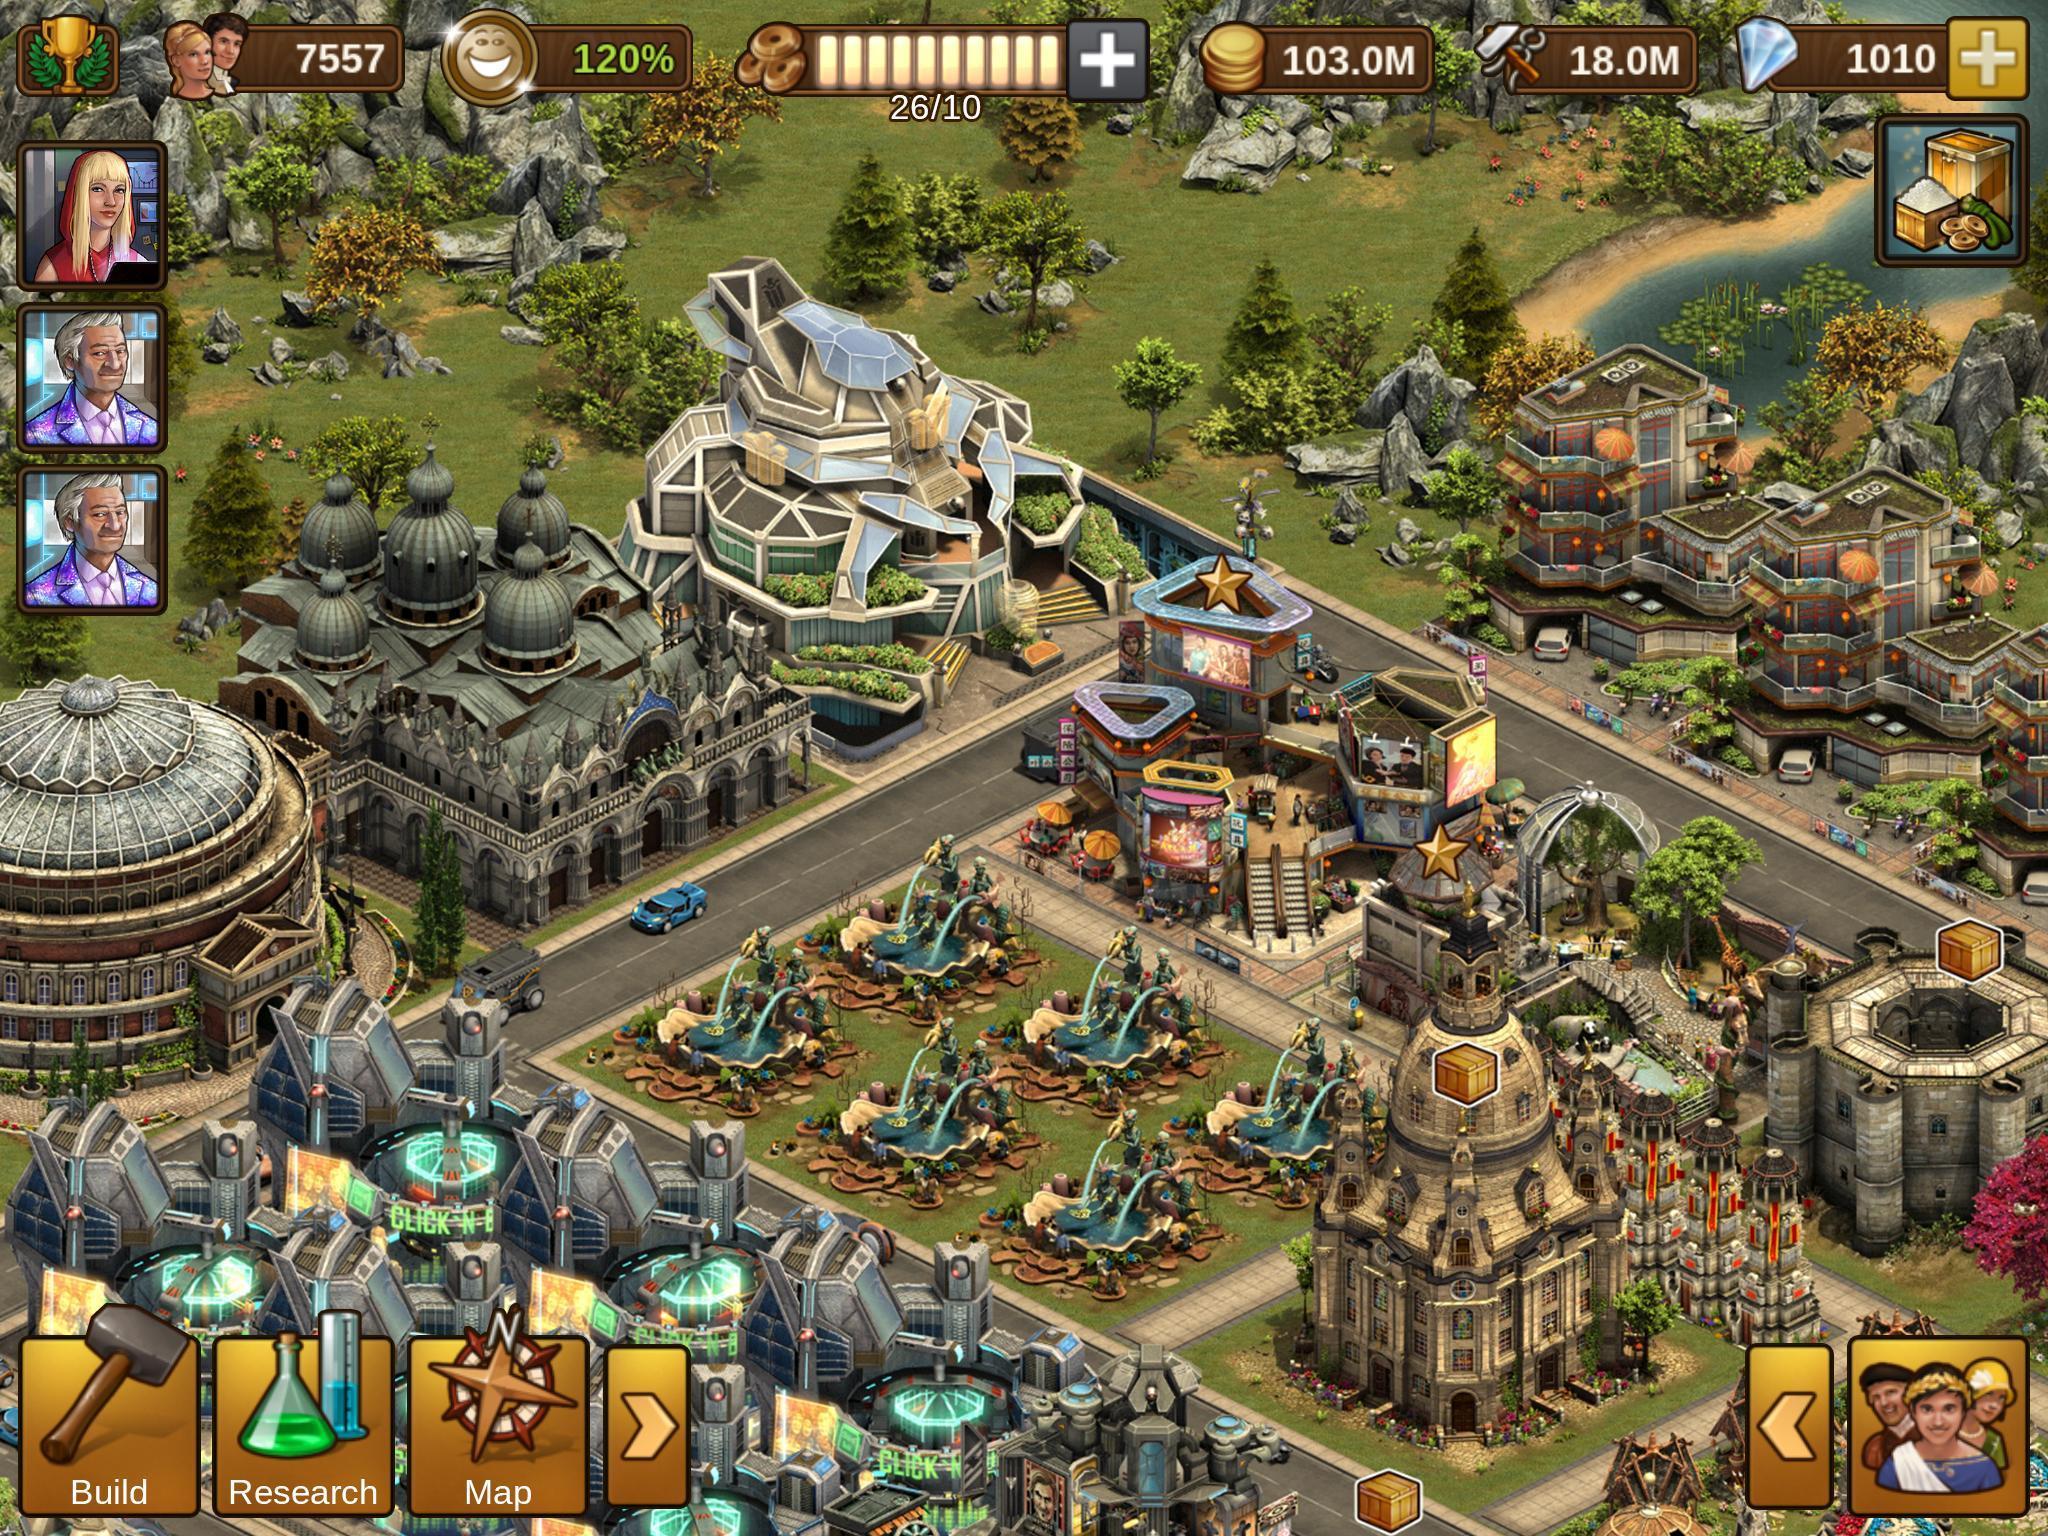 Hasil gambar untuk gambar forge of empires